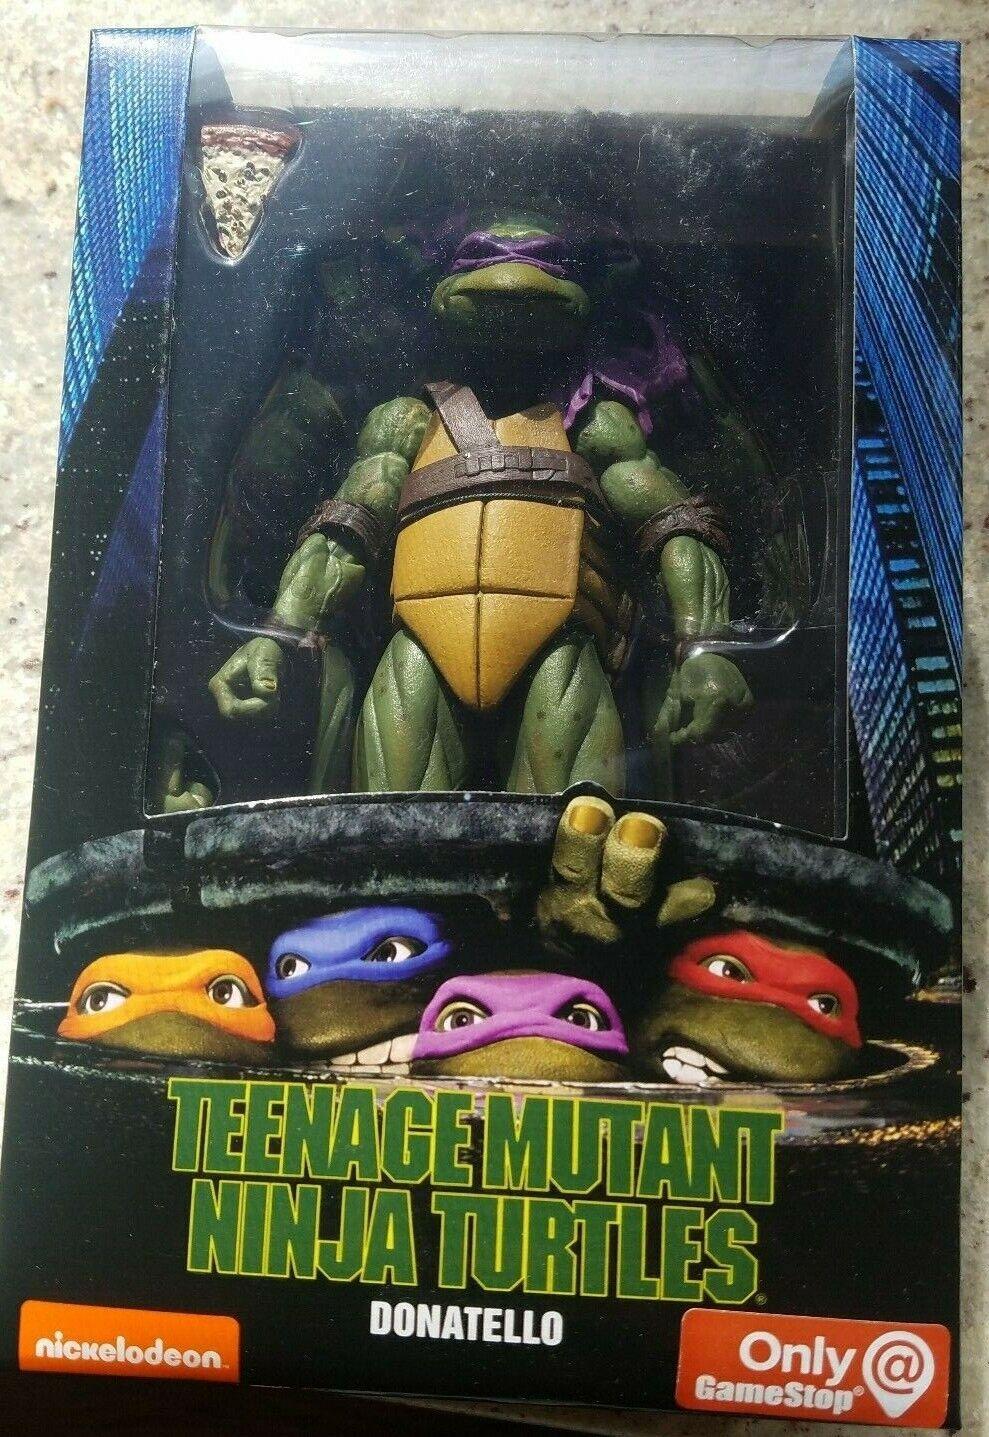 e04f0f549b6 ... Teenage Mutant Ninja Turtles 90 s Movie Figure Donatello Figure Movie  TMNT 90s turtle NEW d8bb6a